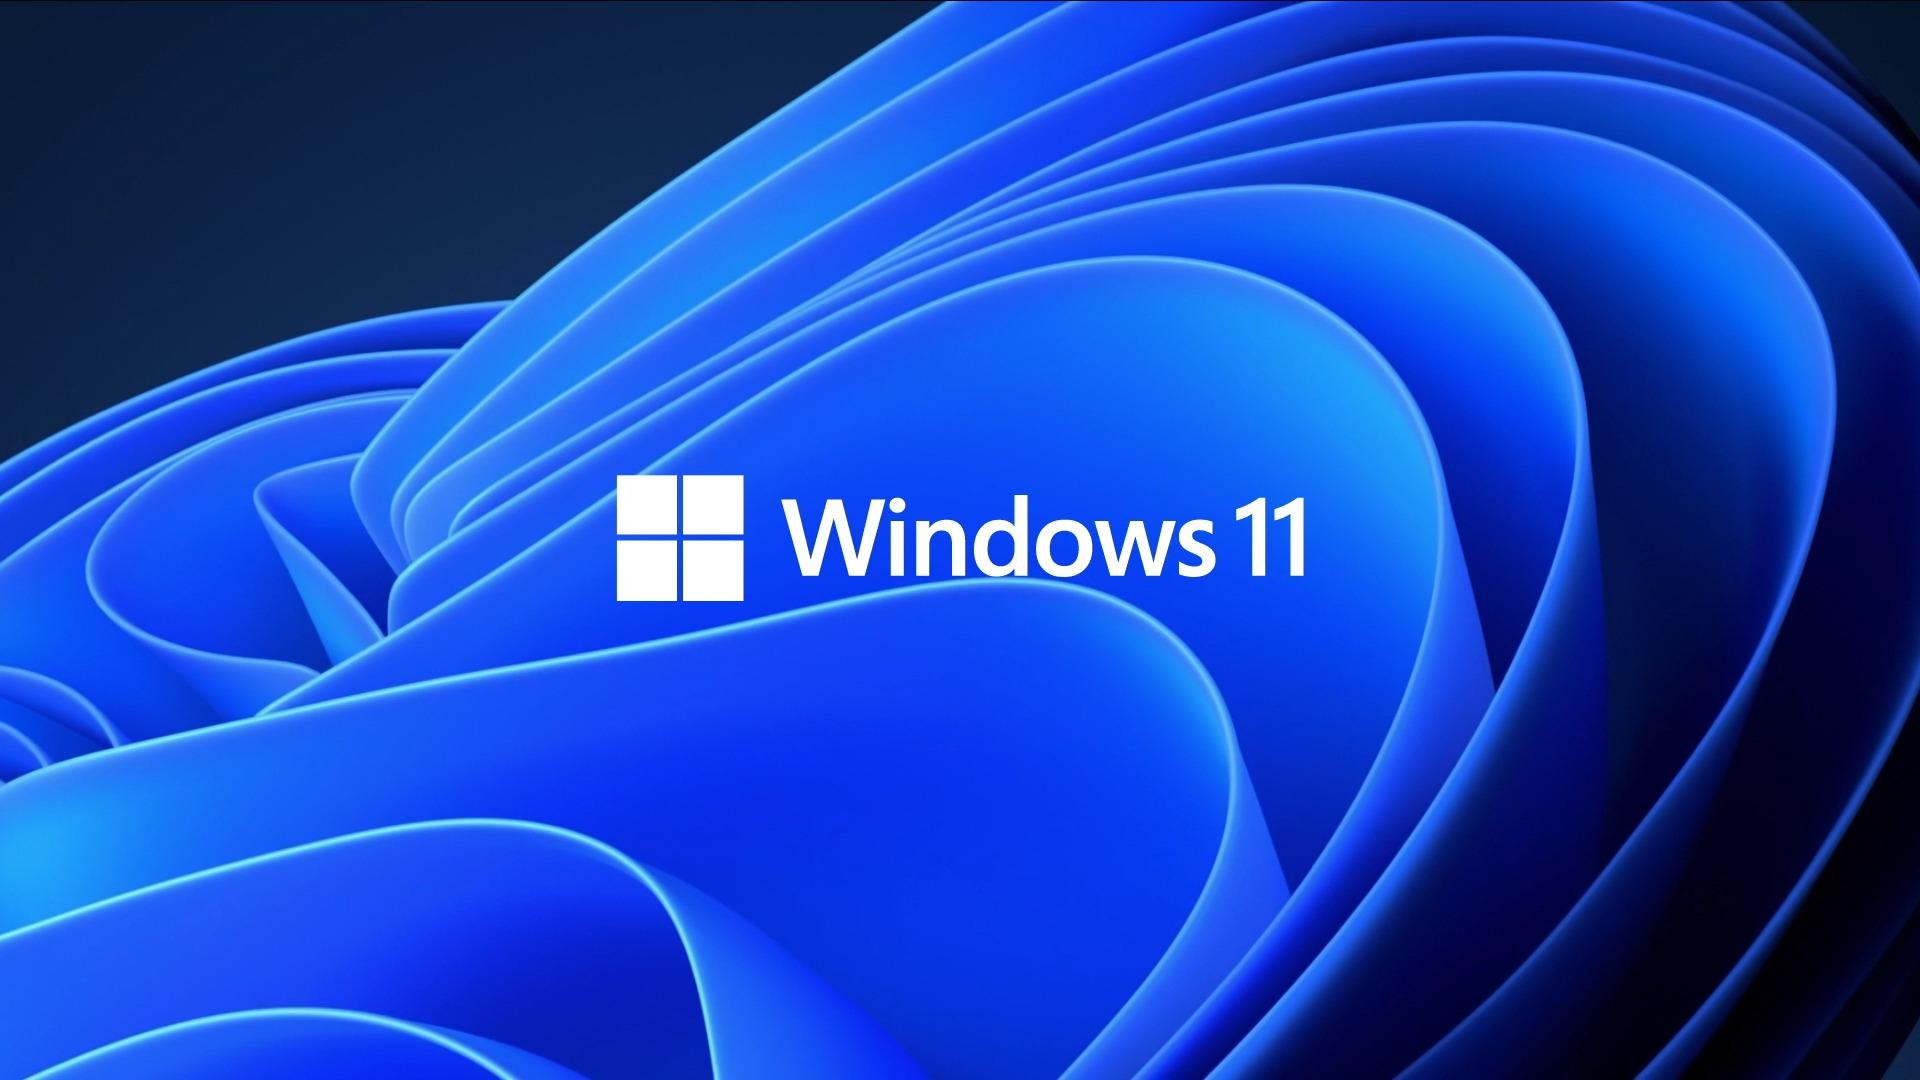 Sprawdź, czy twój komputer spełnia wymagania instalacji Windowsa 11